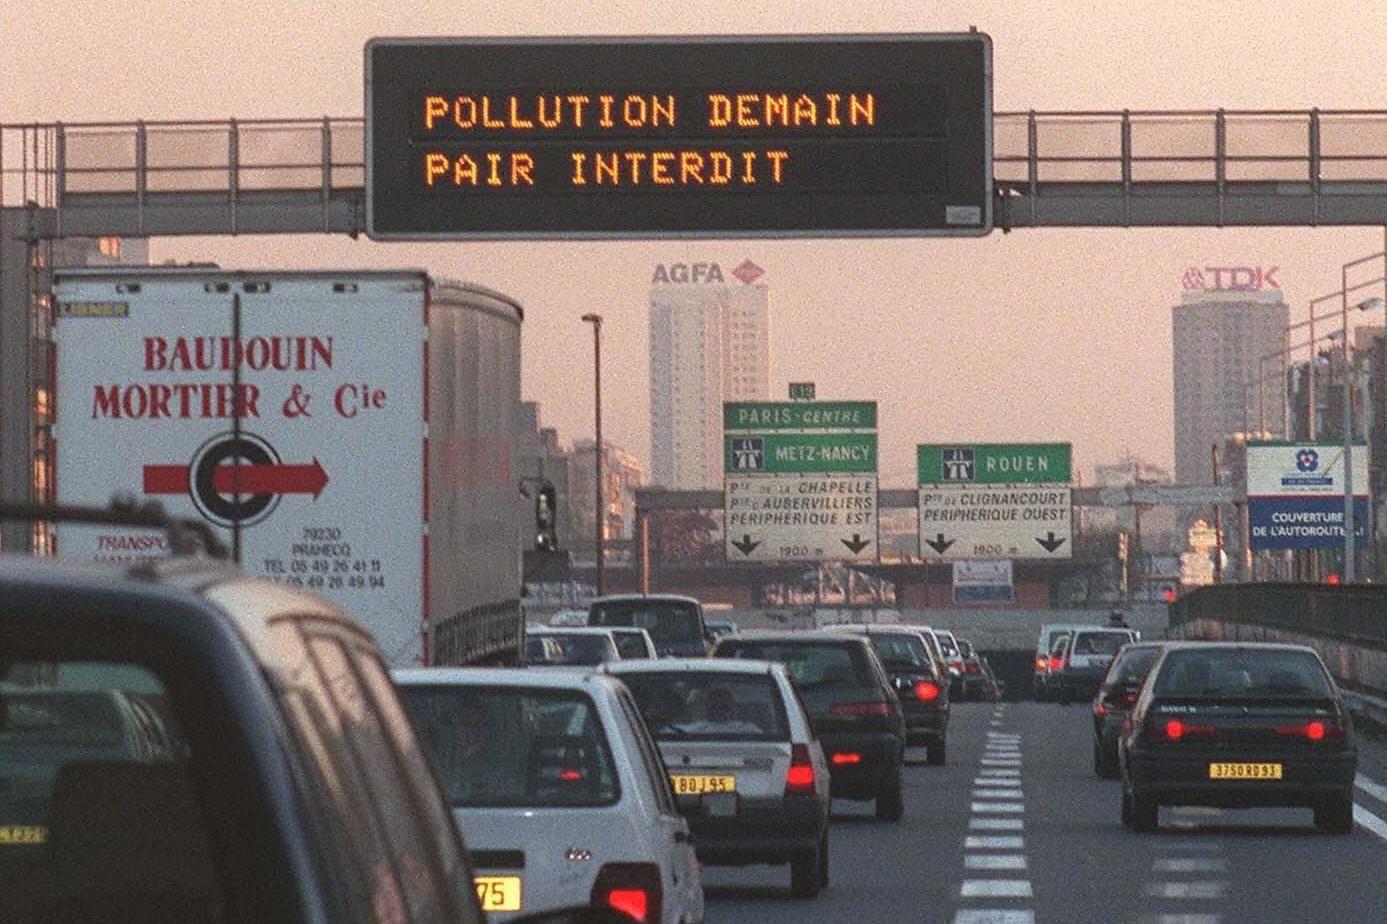 La pollution de l'air en ville s'attaque au cœur humain